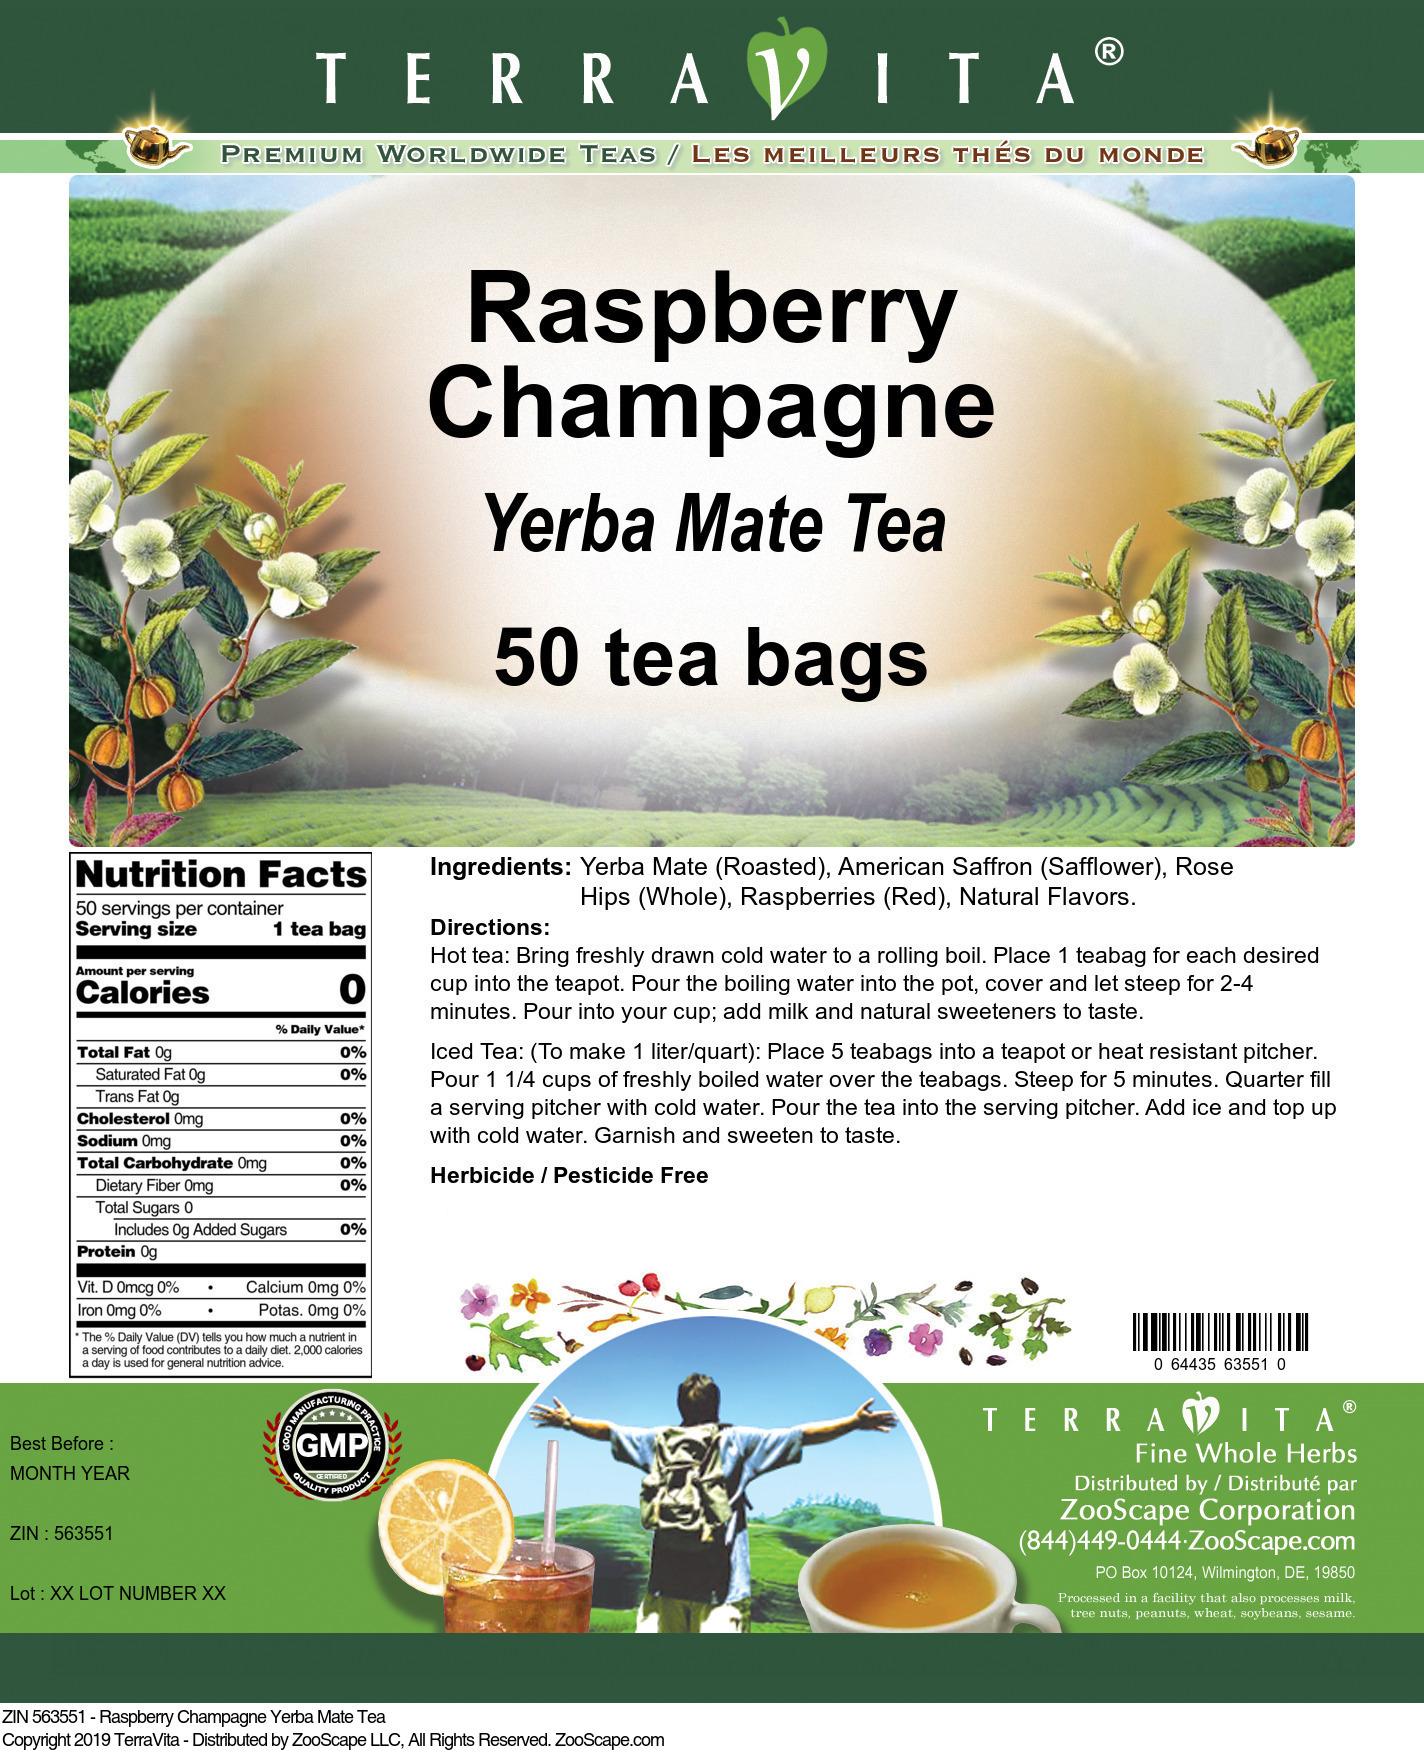 Raspberry Champagne Yerba Mate Tea